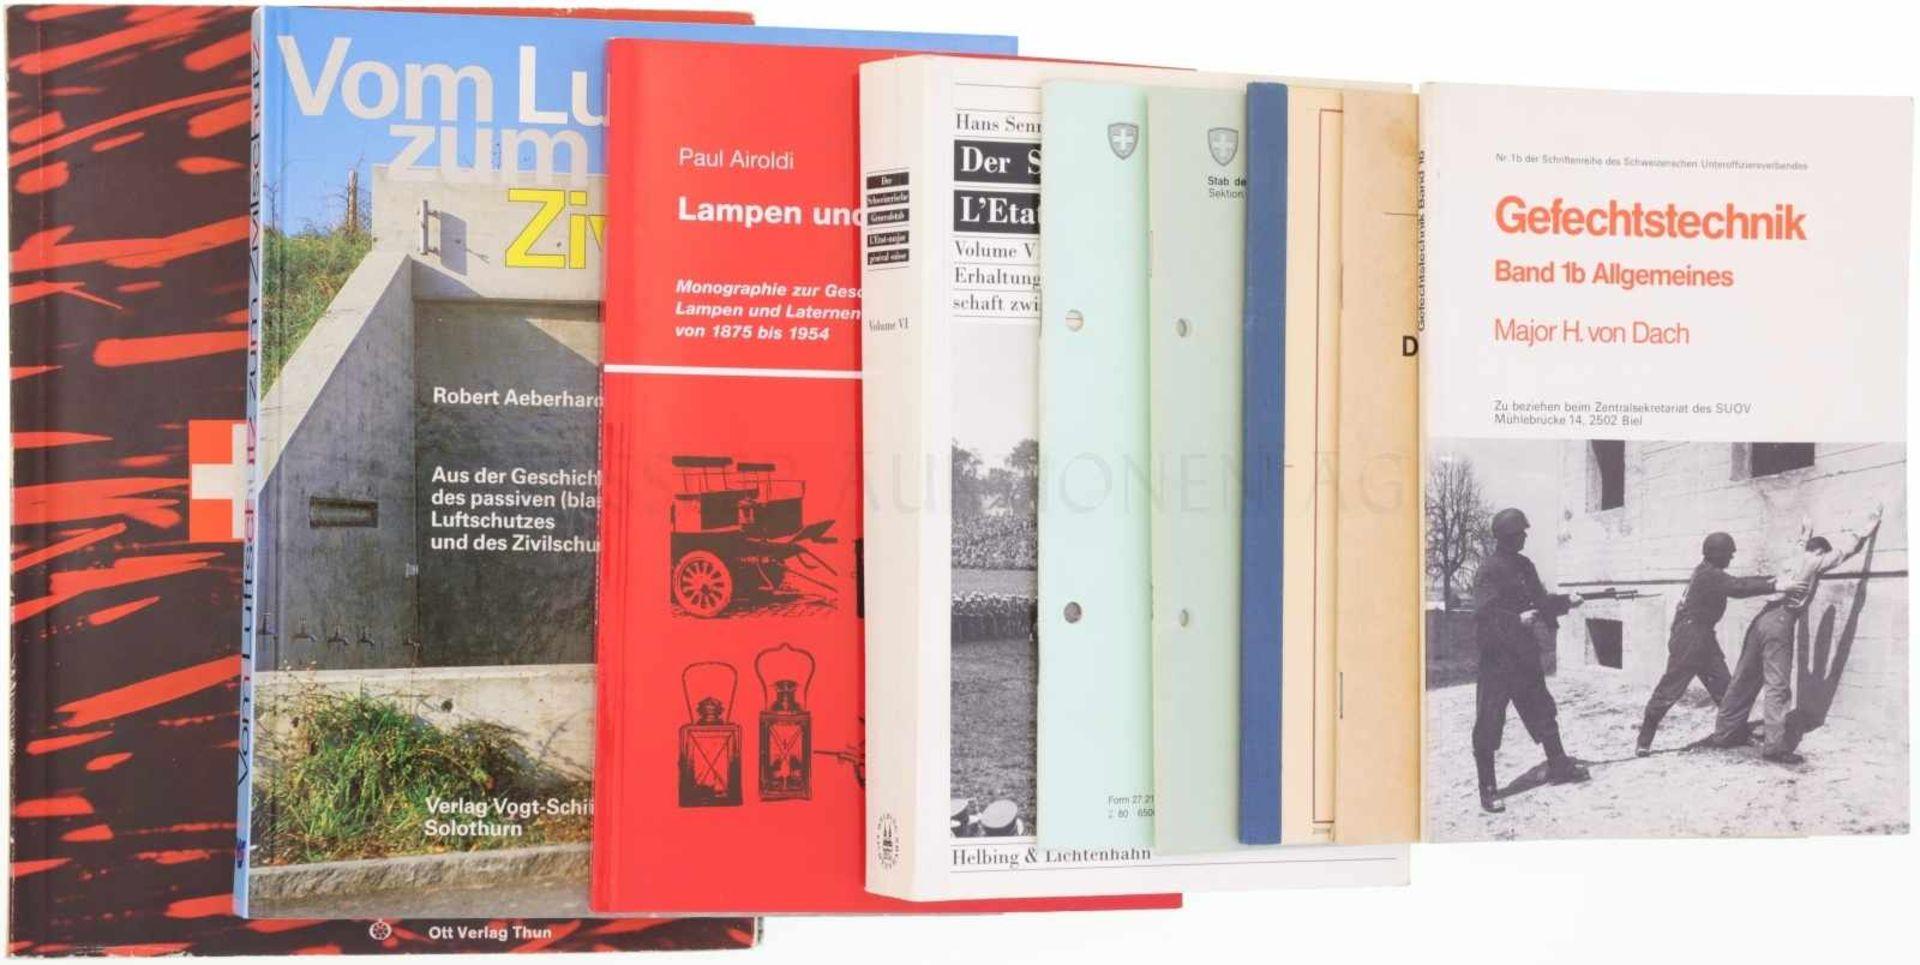 Los 55 - Konvolut von 9 Büchern zur Schweizer Armee 1. Gefechtstechnik von Major H. von Dach. 2. Der